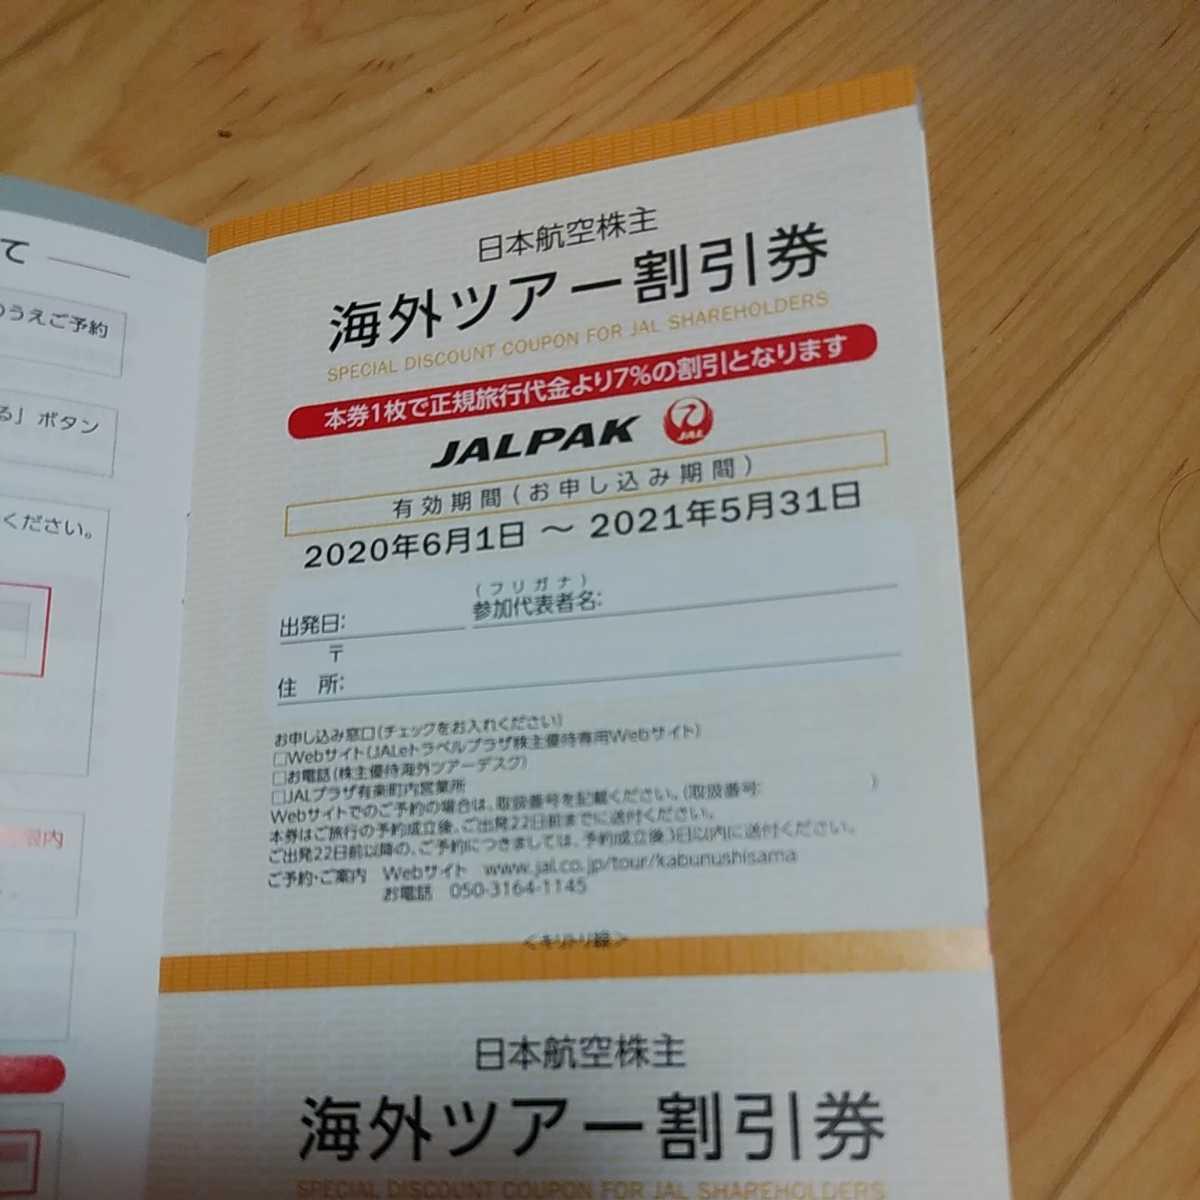 JAL・7%割引・株主優待冊子 JALPAK(ジャルパック)海外・国内ツアー割引券 2021年5月末期限 日本航空_画像4